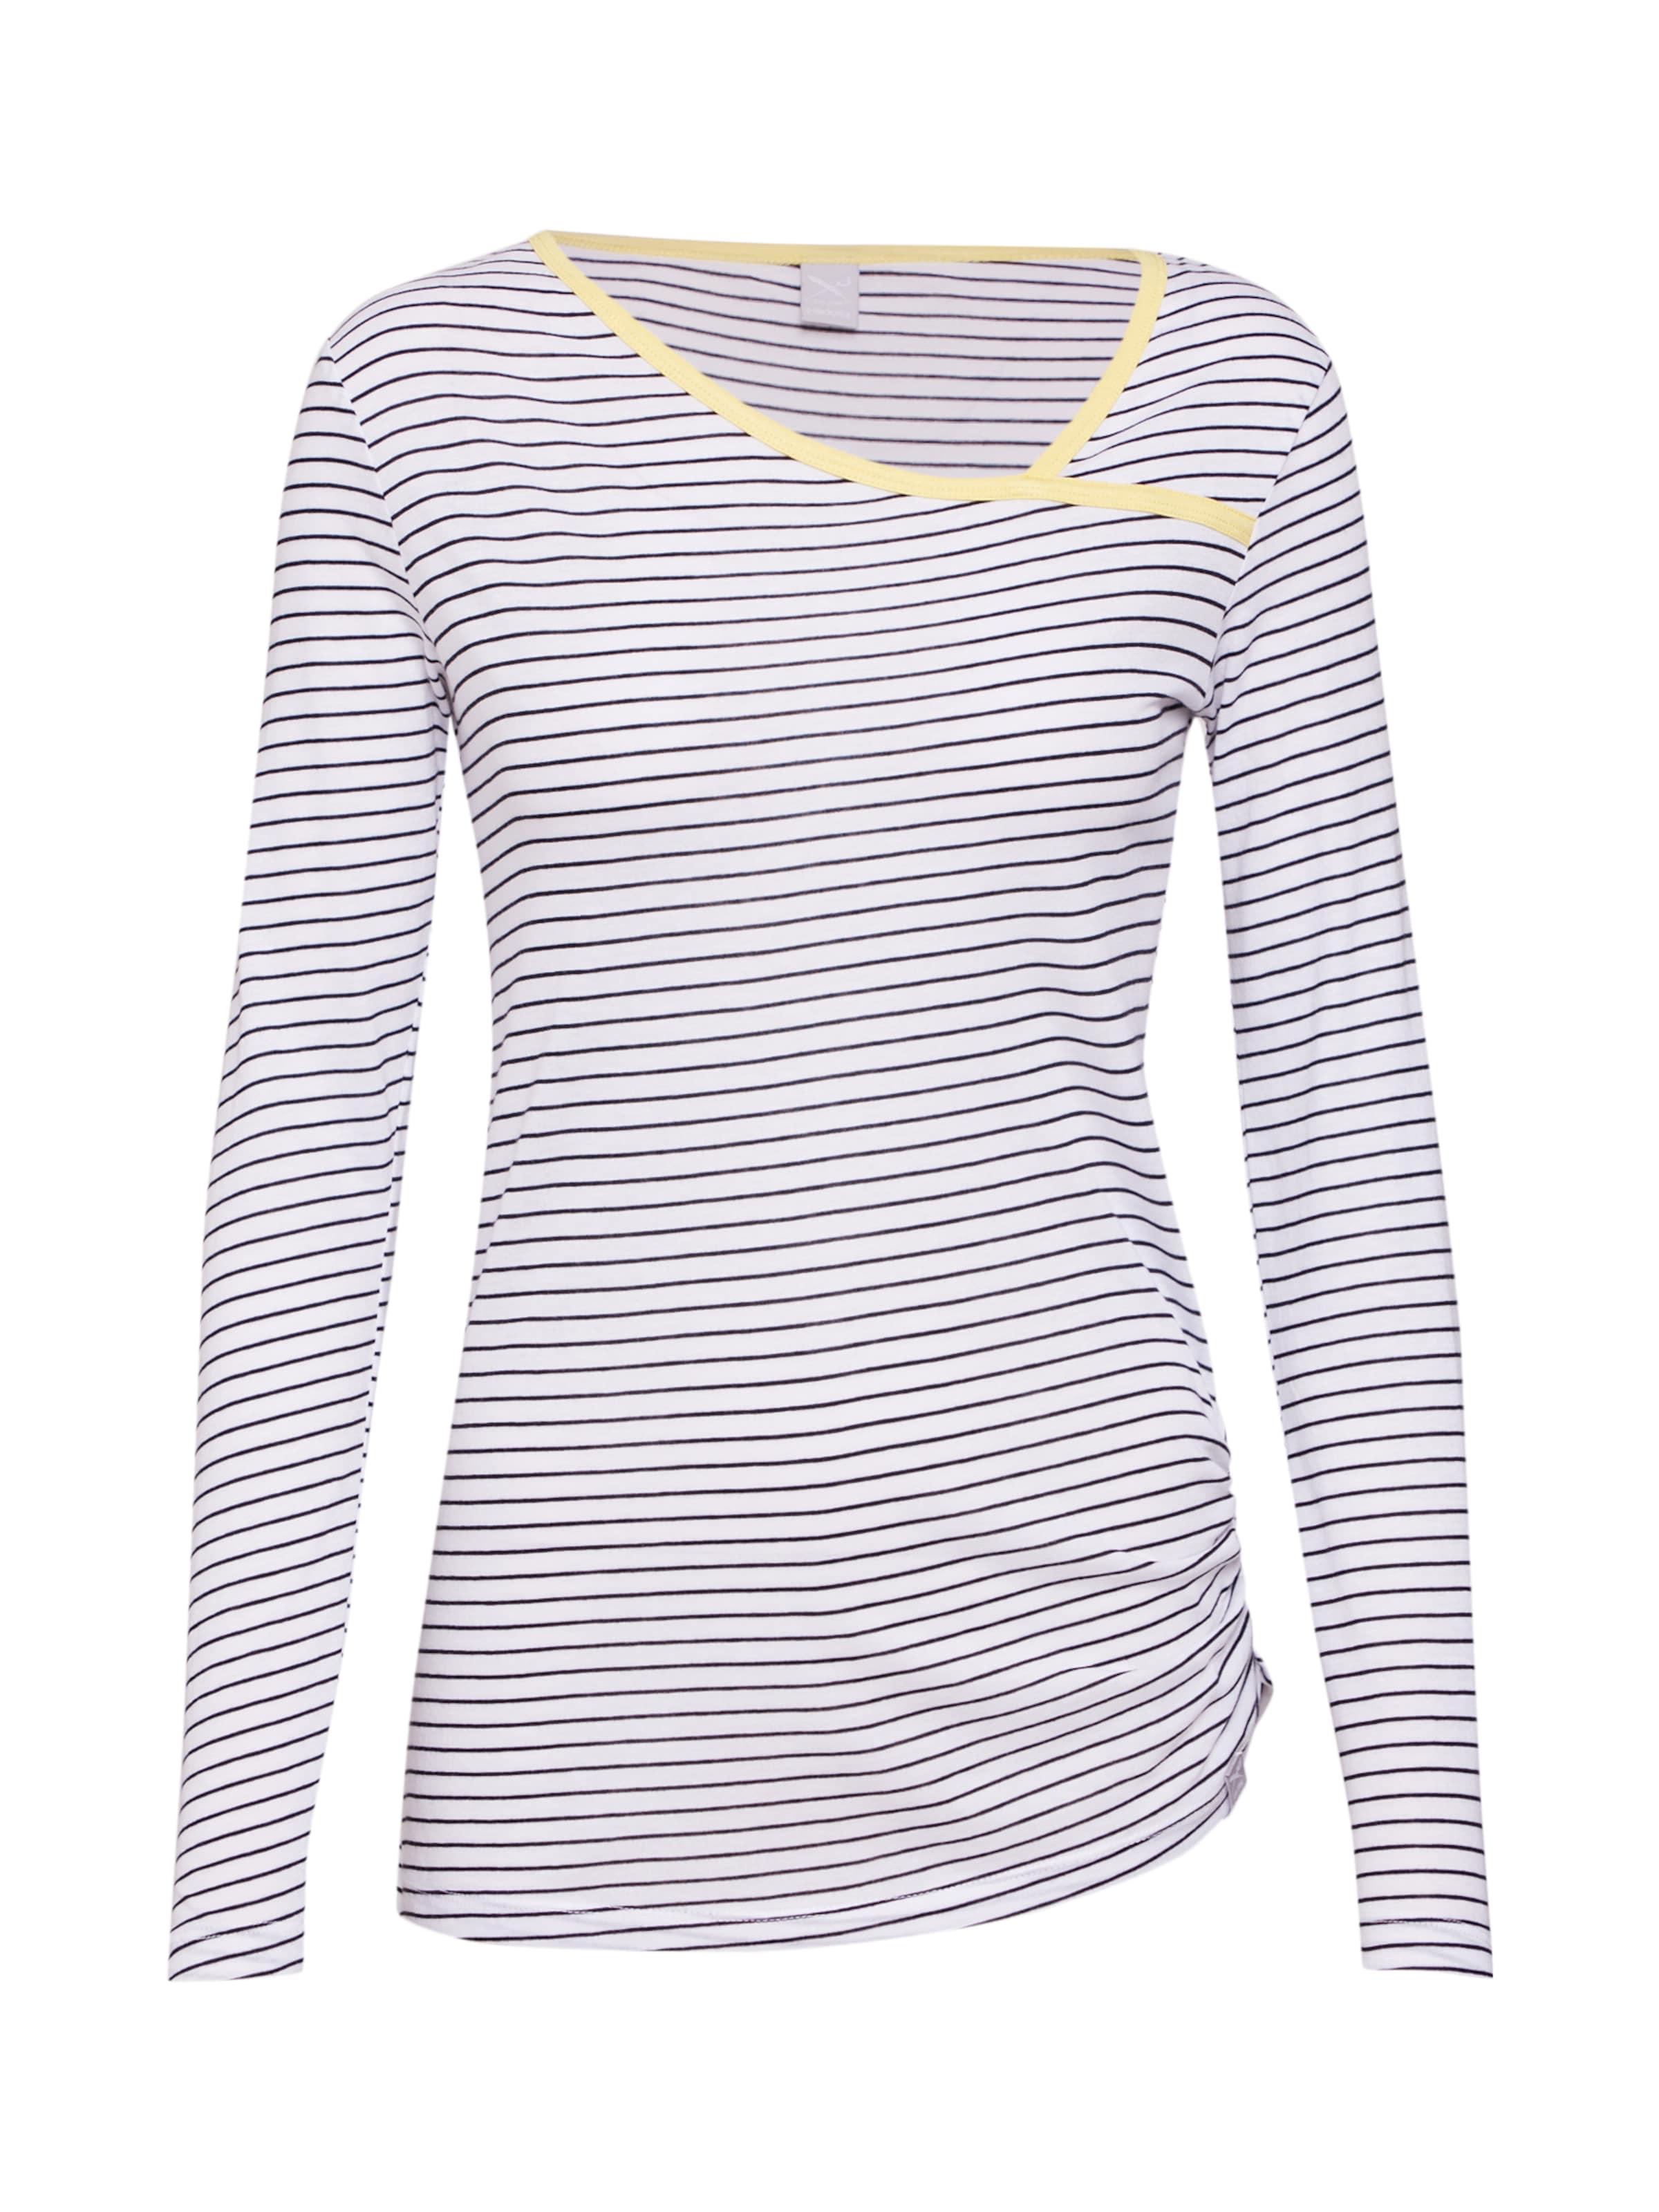 4' Stripe In Iriedaily 'asym SchwarzWeiß Streifenshirt KJcFl1